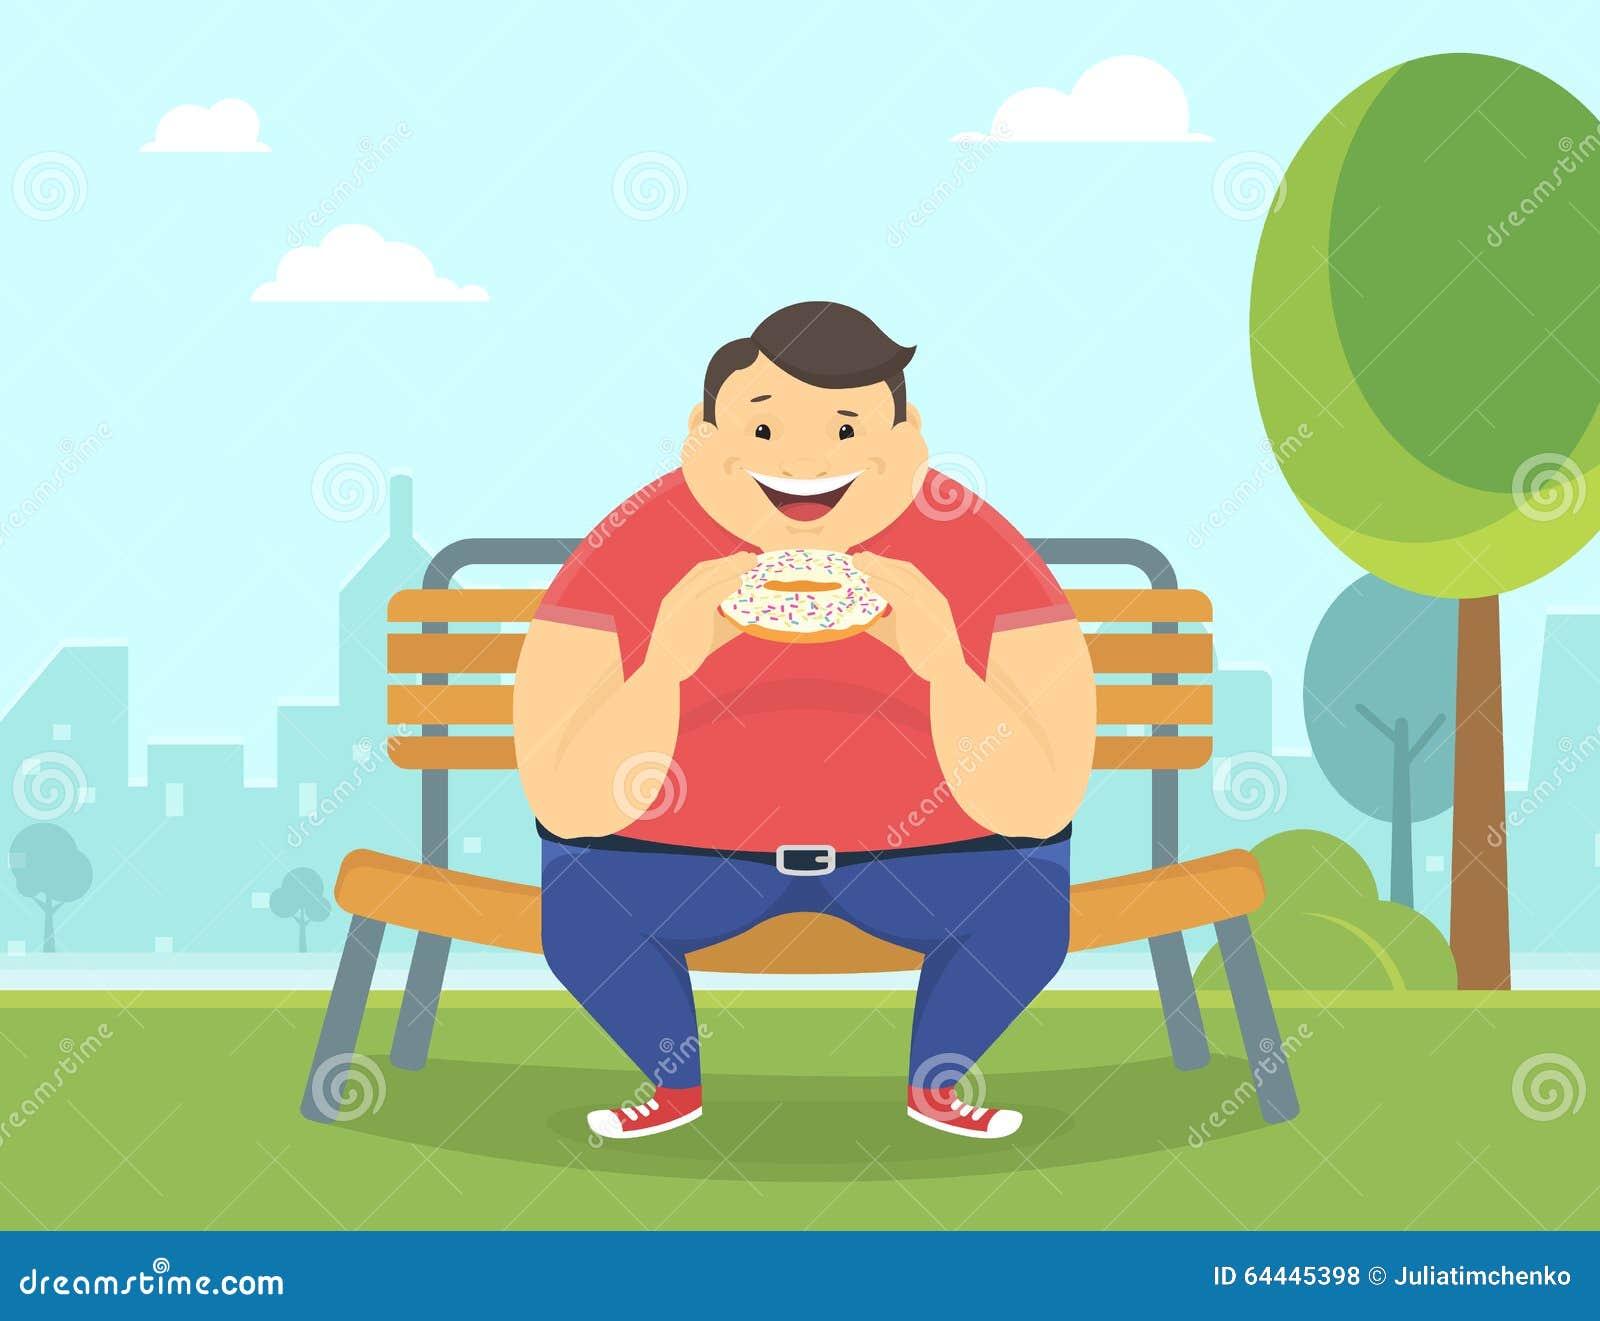 Antropófago gordo feliz un buñuelo grande en el parque